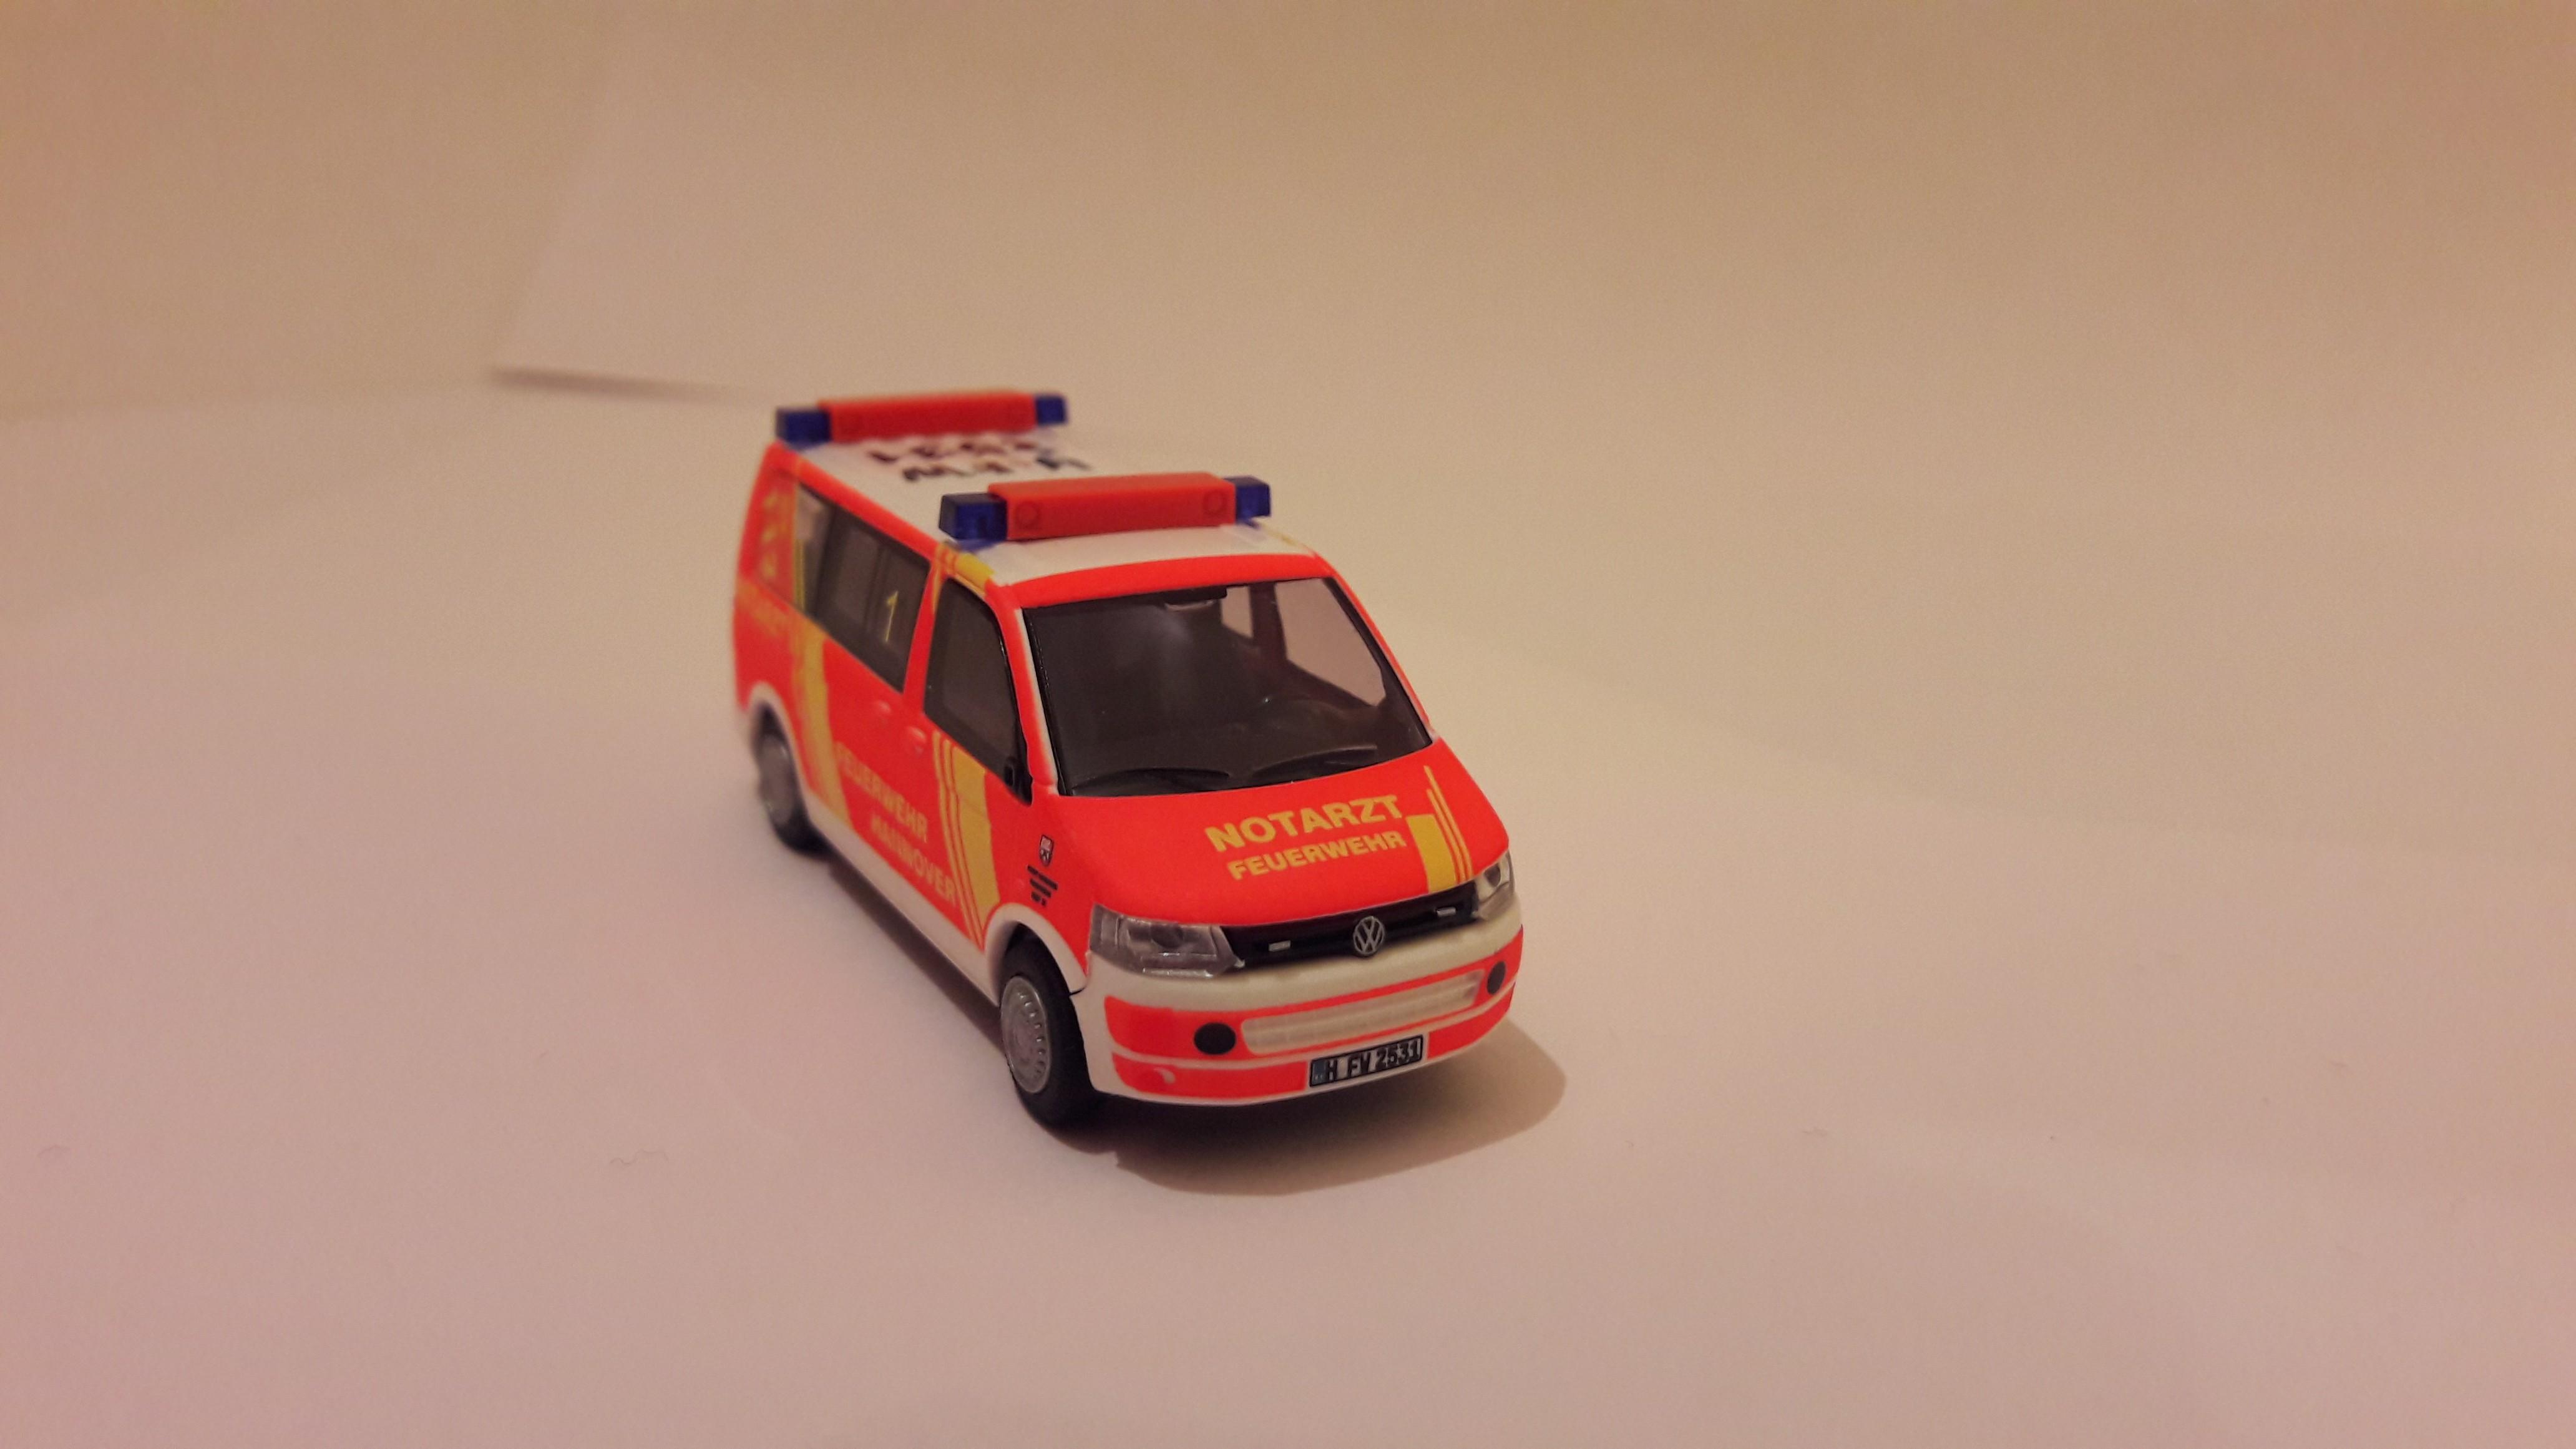 Rietze VW T5 GP NEF 31 Feuerwehr Hannover (BF) H-2531, Sondermodell